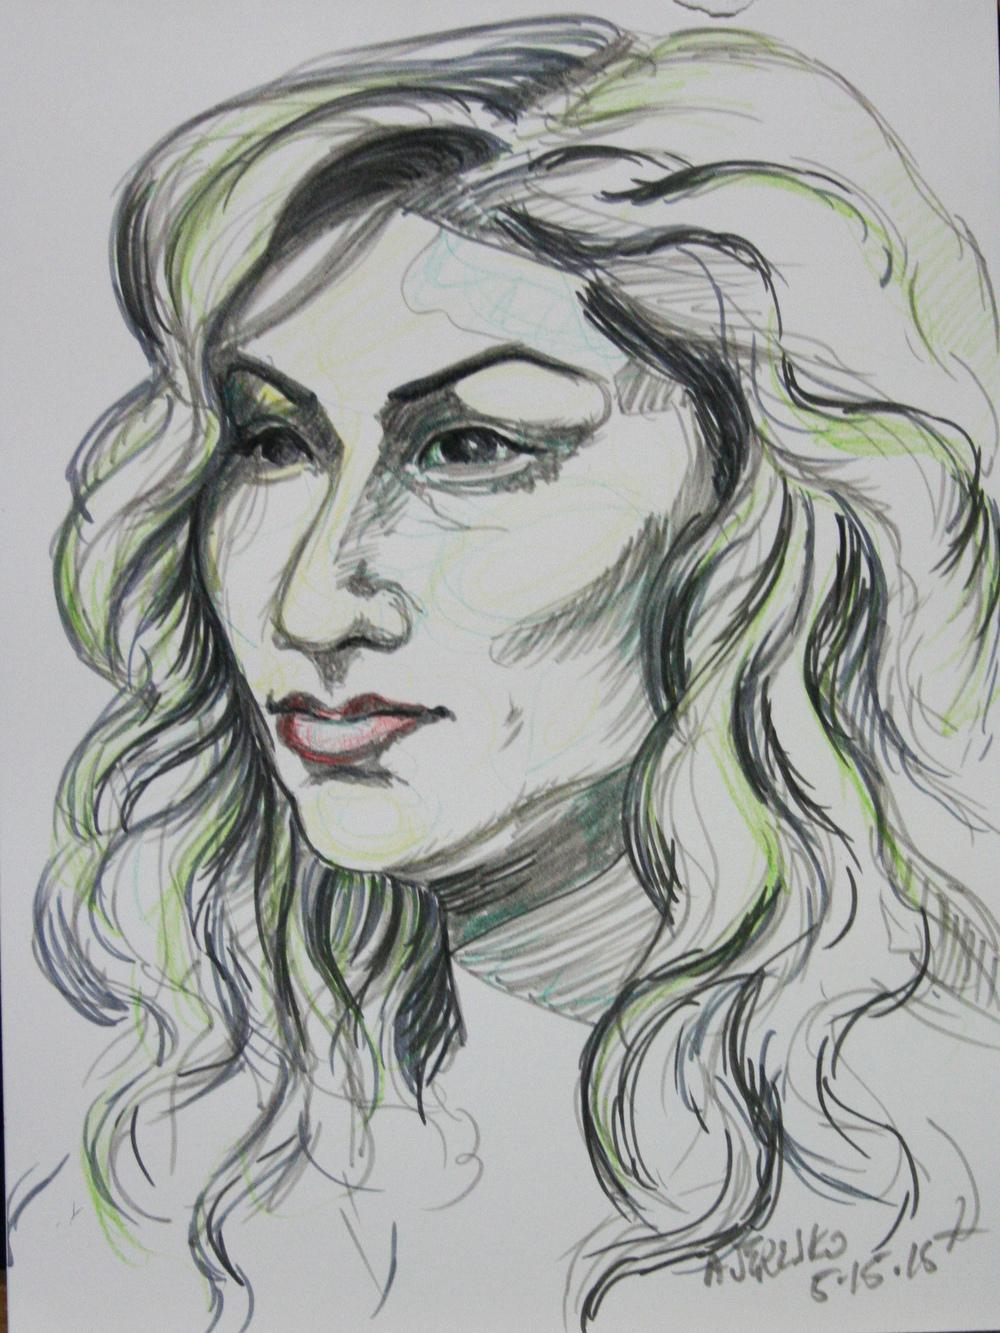 Alice Jeresko did this half hour sketch.